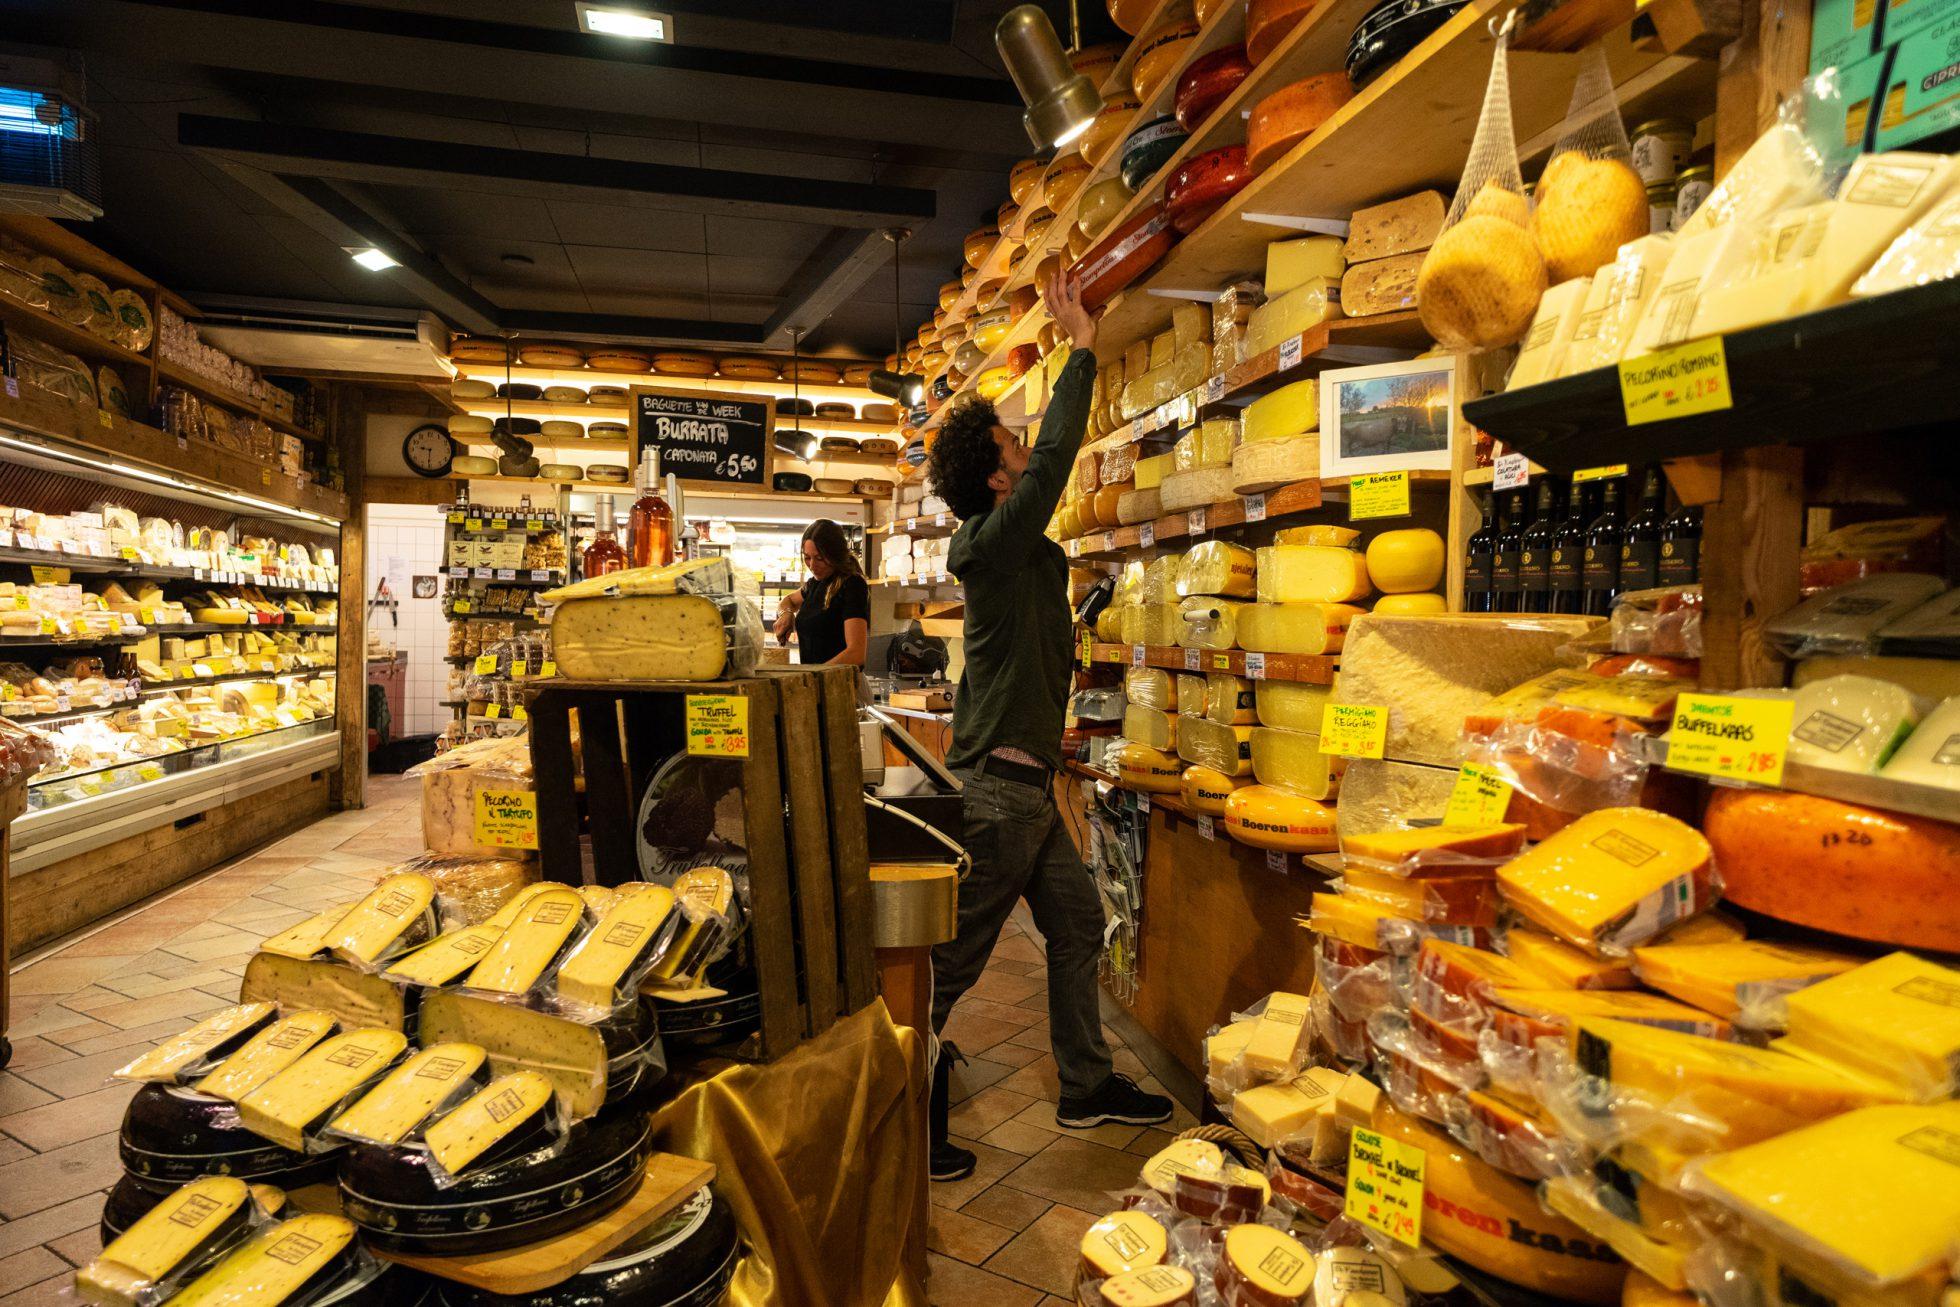 kaaskamer-amsterdam-cheese-lunch-broodjes-speciale-kaas-80